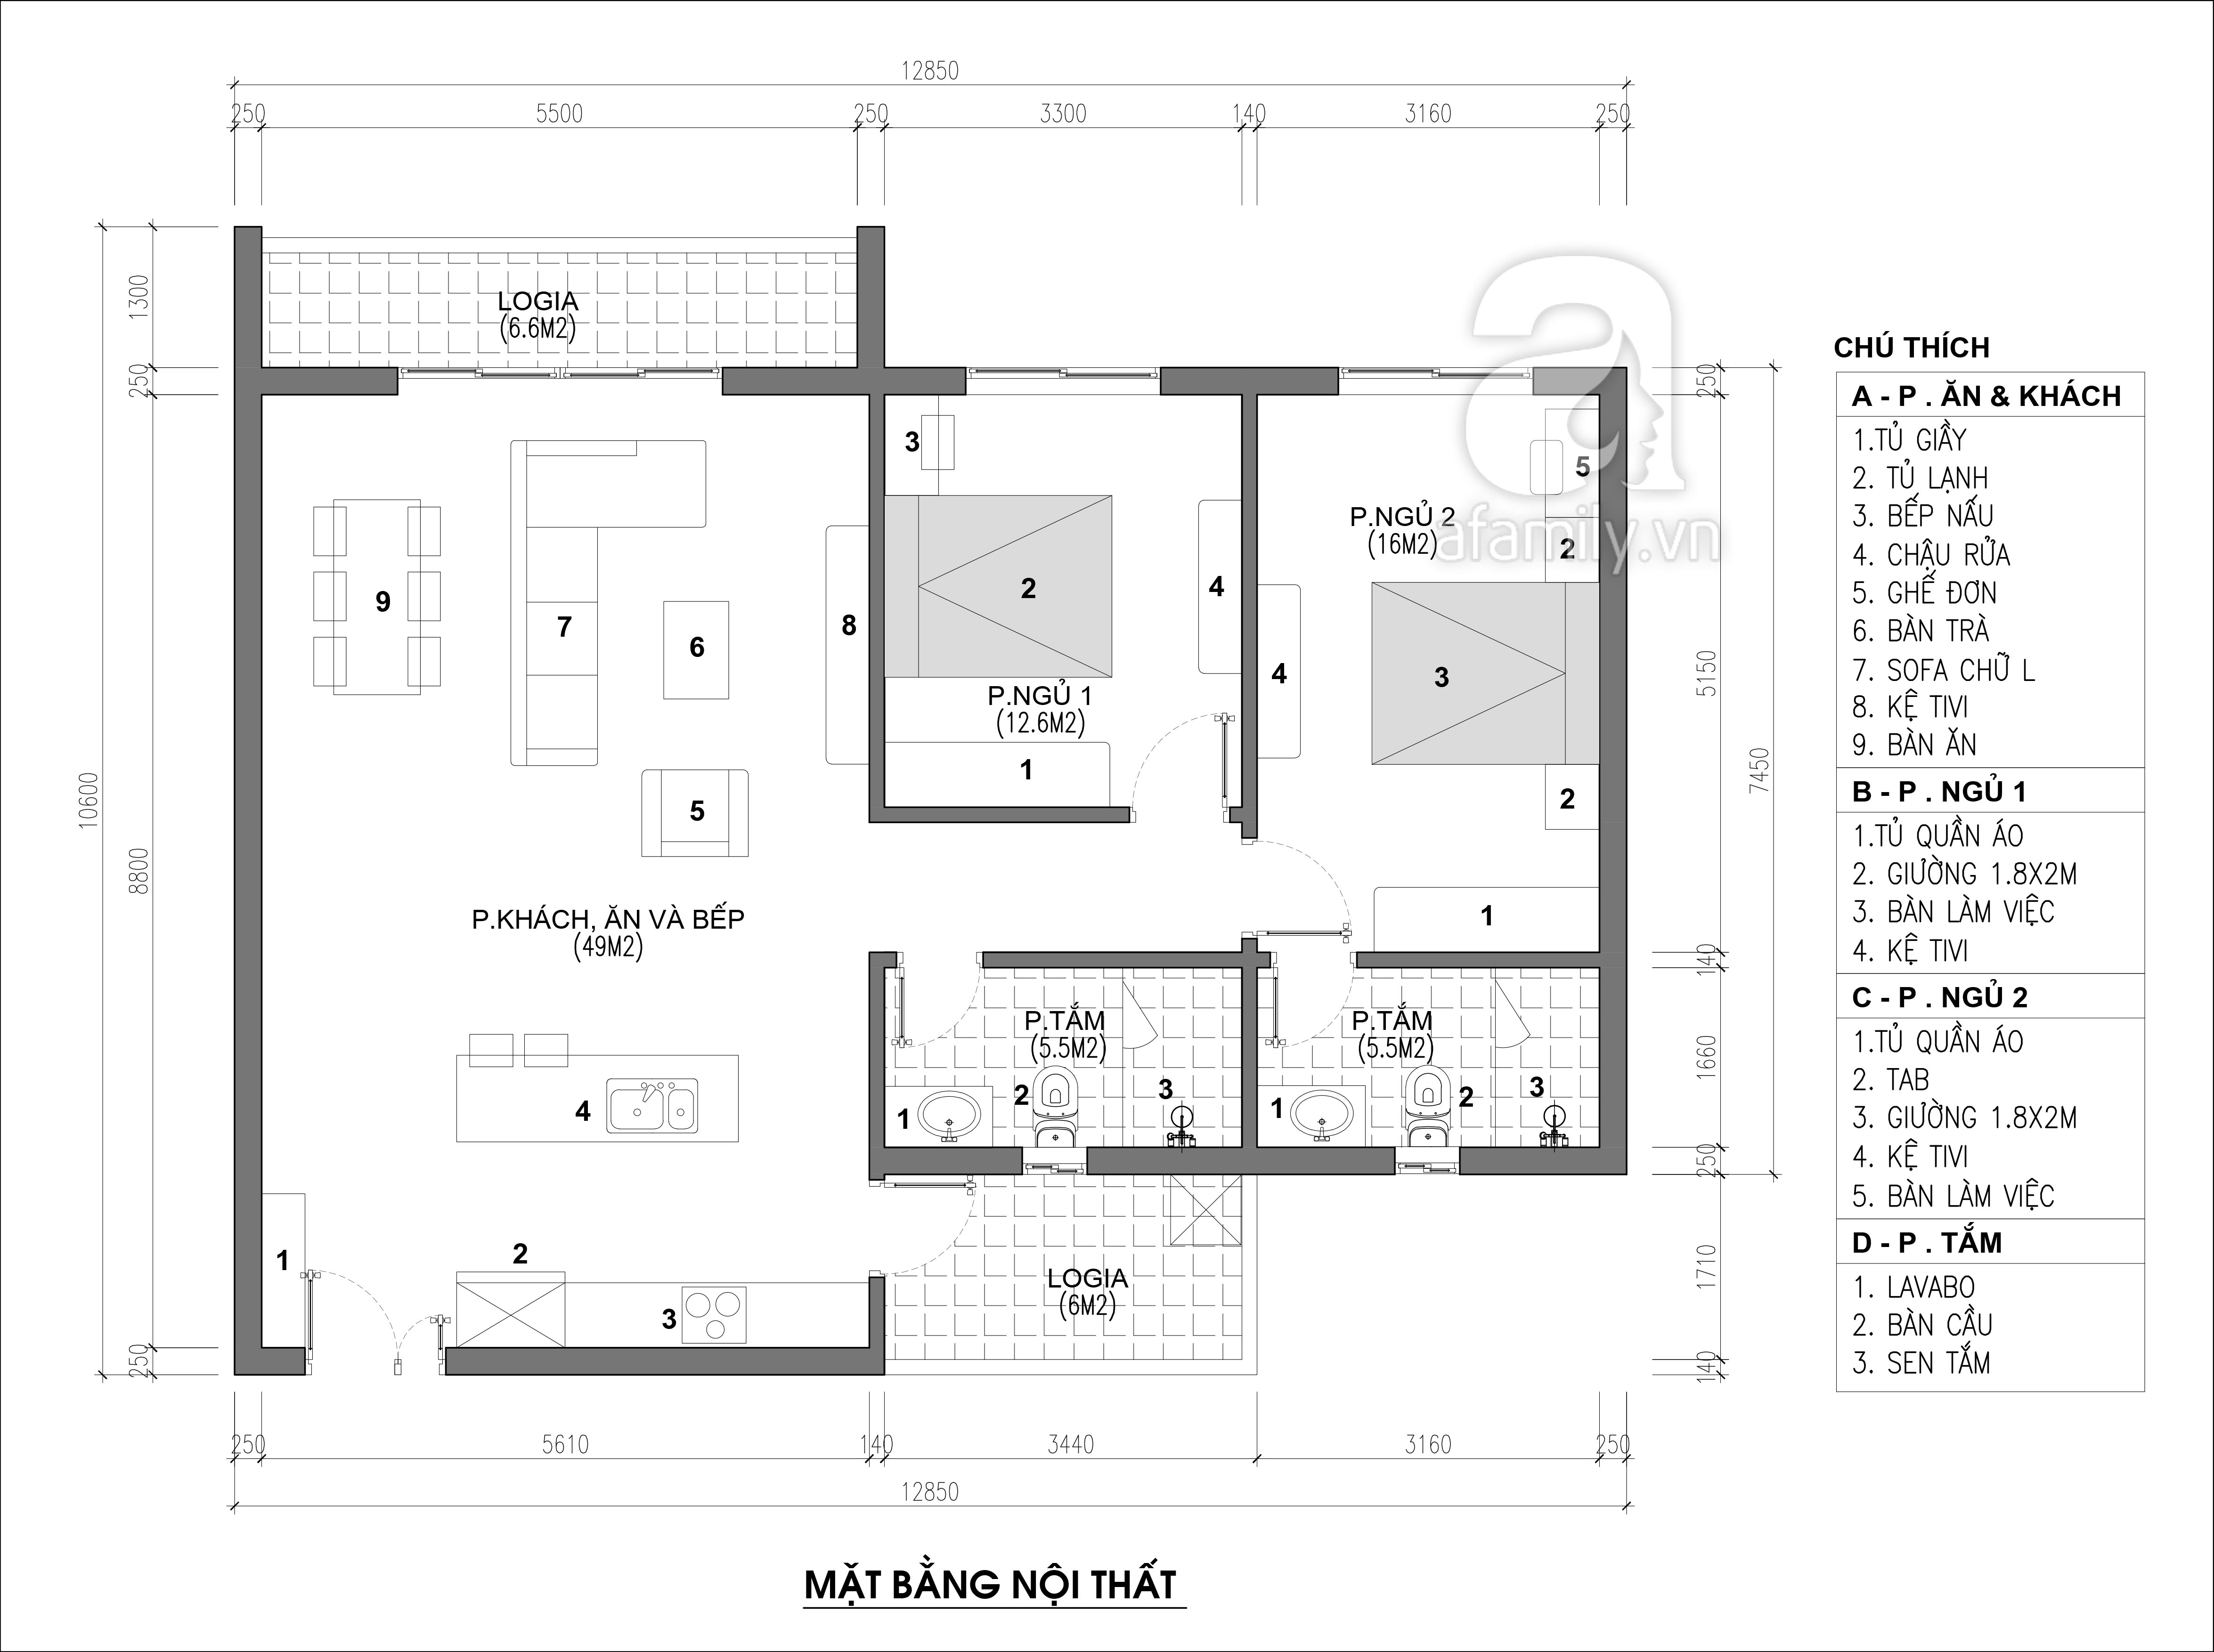 Tư vấn thiết kế nội thất căn hộ chung cư 100m² ở Bình Dương theo phong cách hiện đại, tối giản với chi phí 78 triệu - Ảnh 2.